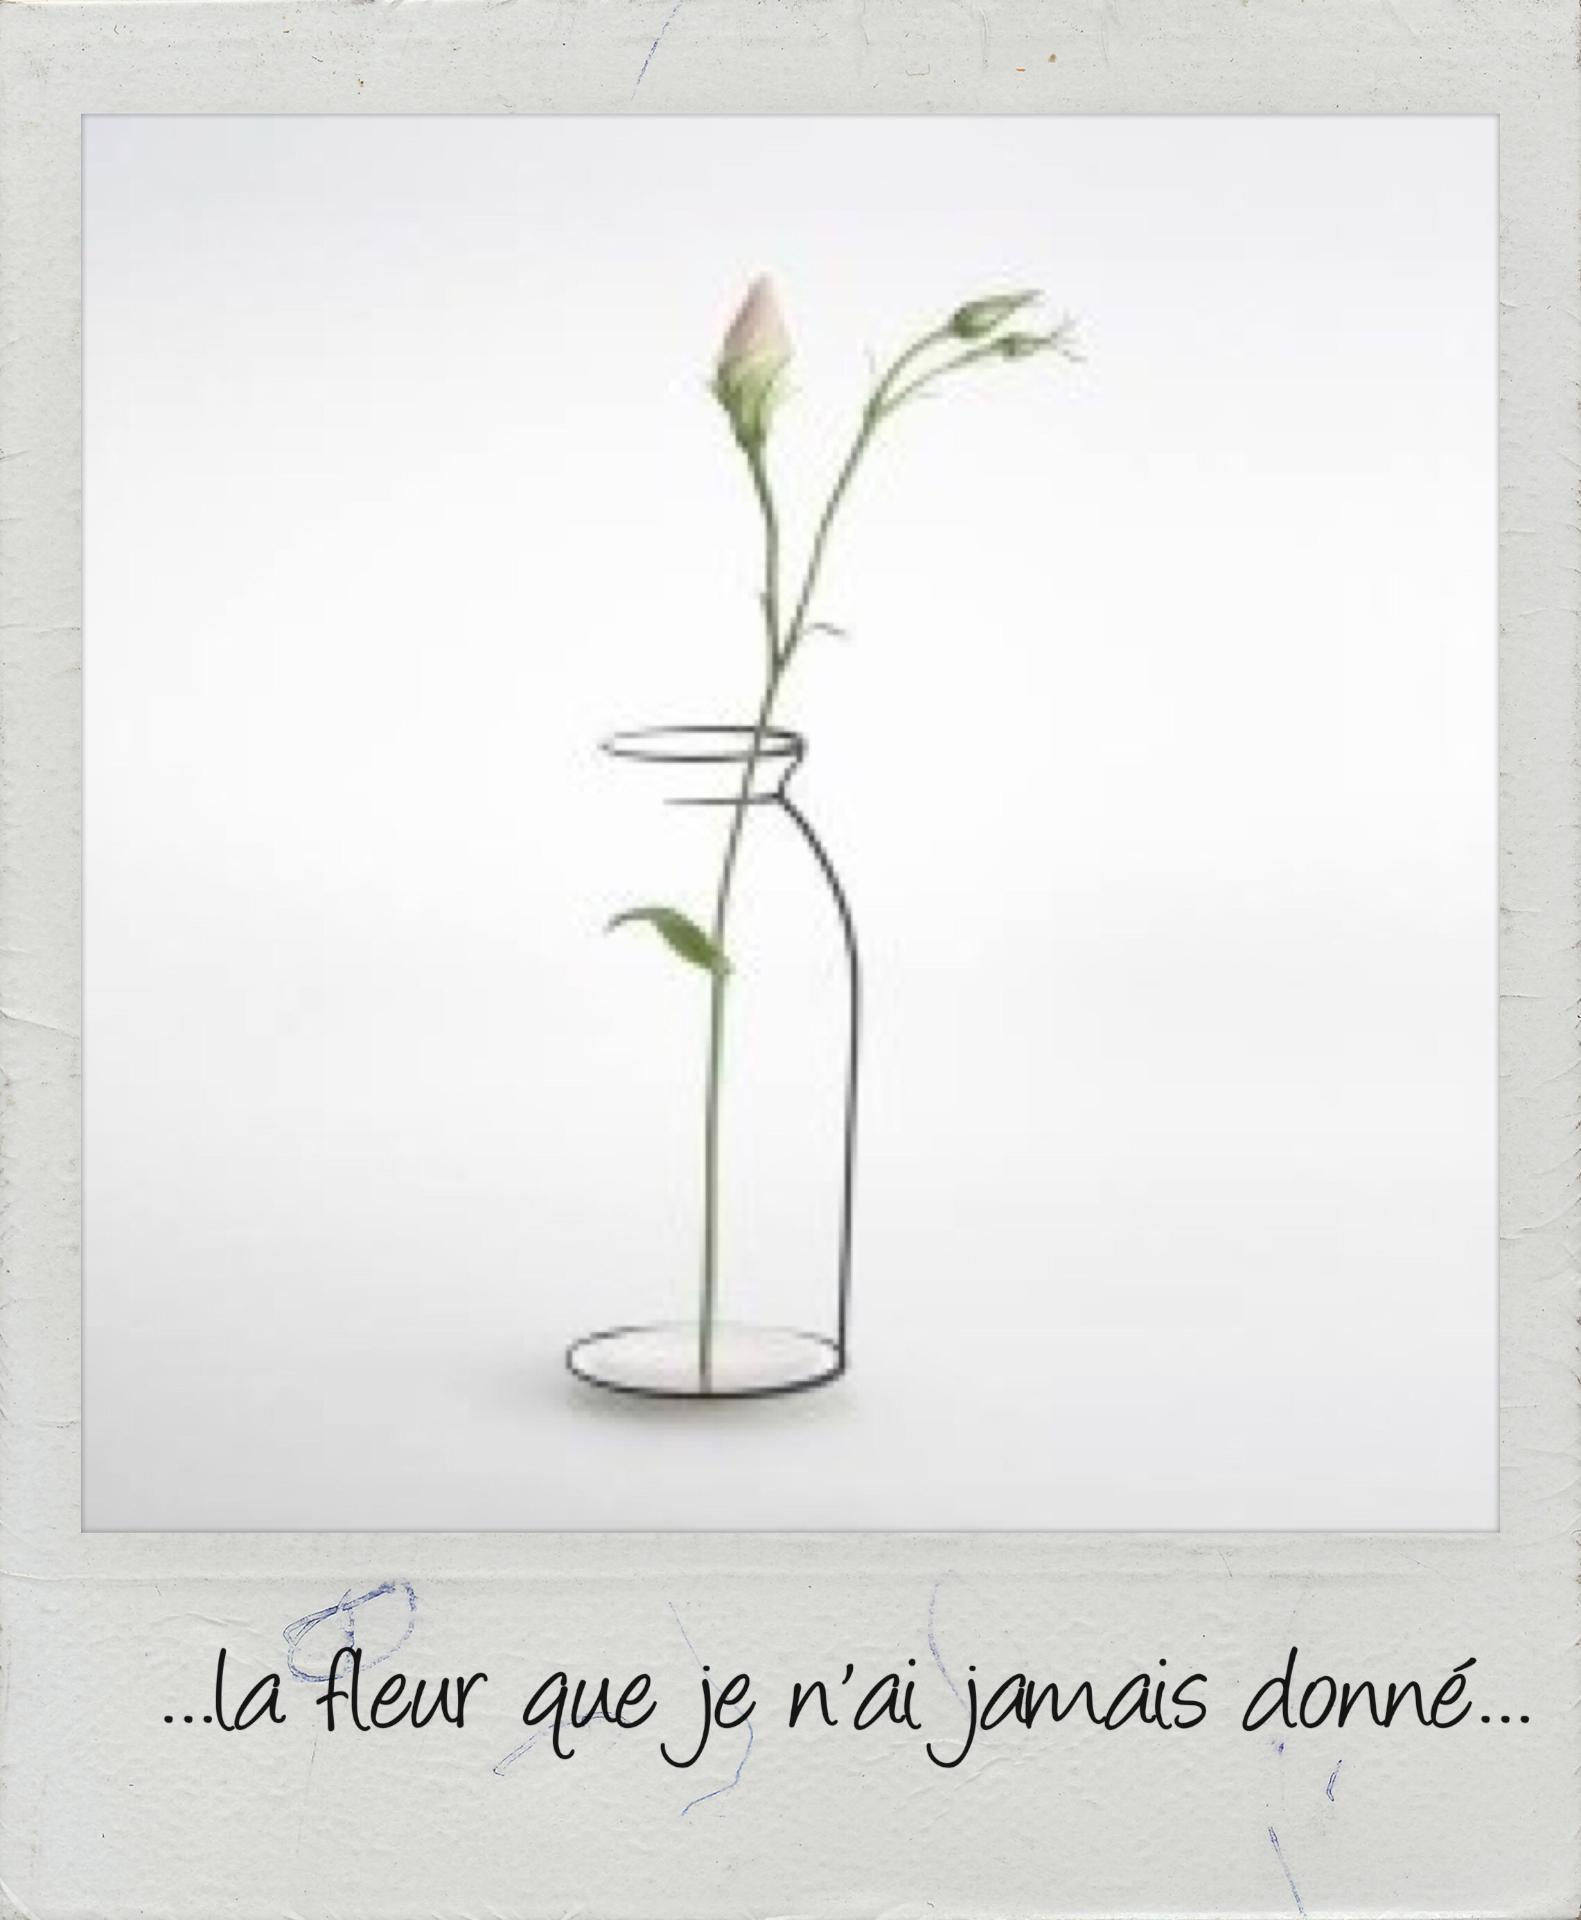 La fleur que je n'ai pas donnèe